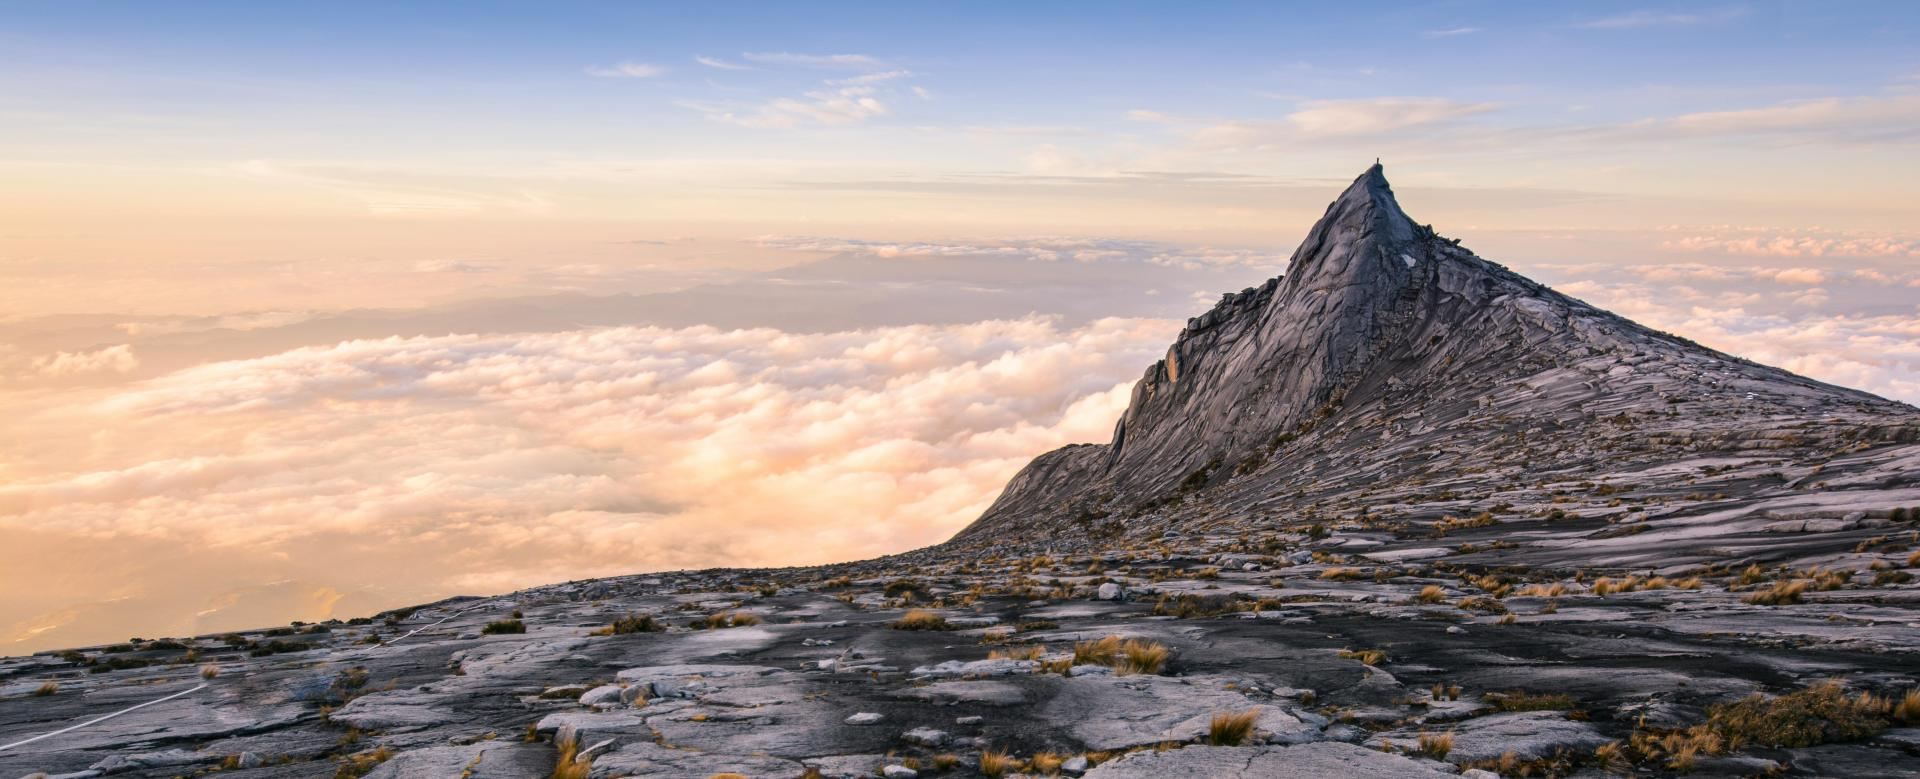 Voyage à pied : Malaisie : Mont kinabalu, toit de l\'asie du sud-est